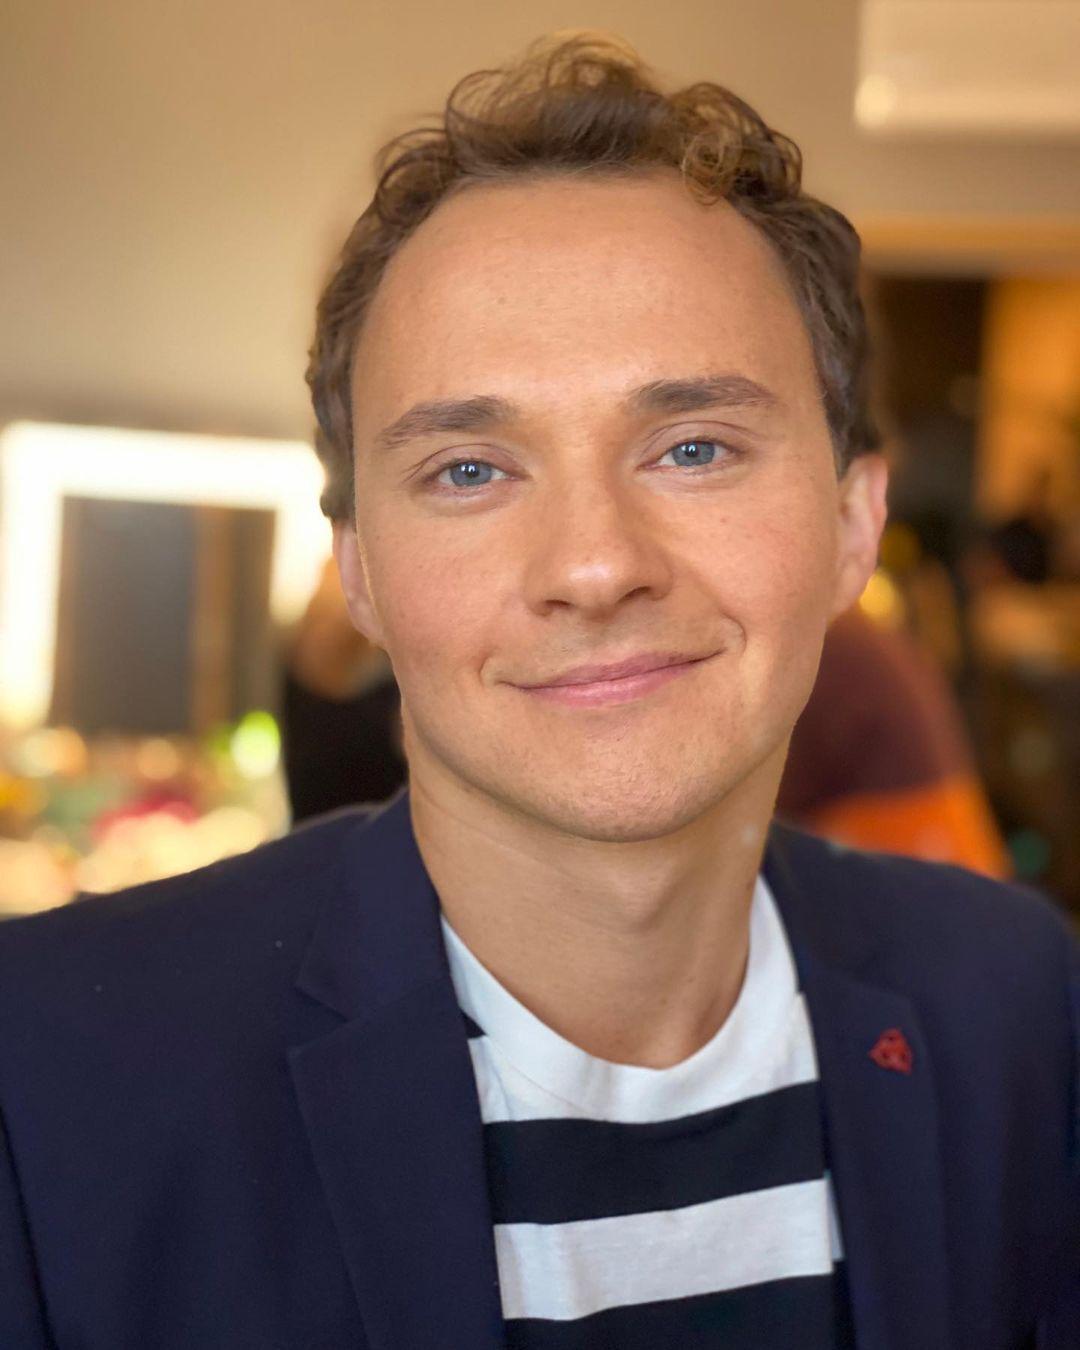 Константин Войтенко примет участие в танцевальном шоу.